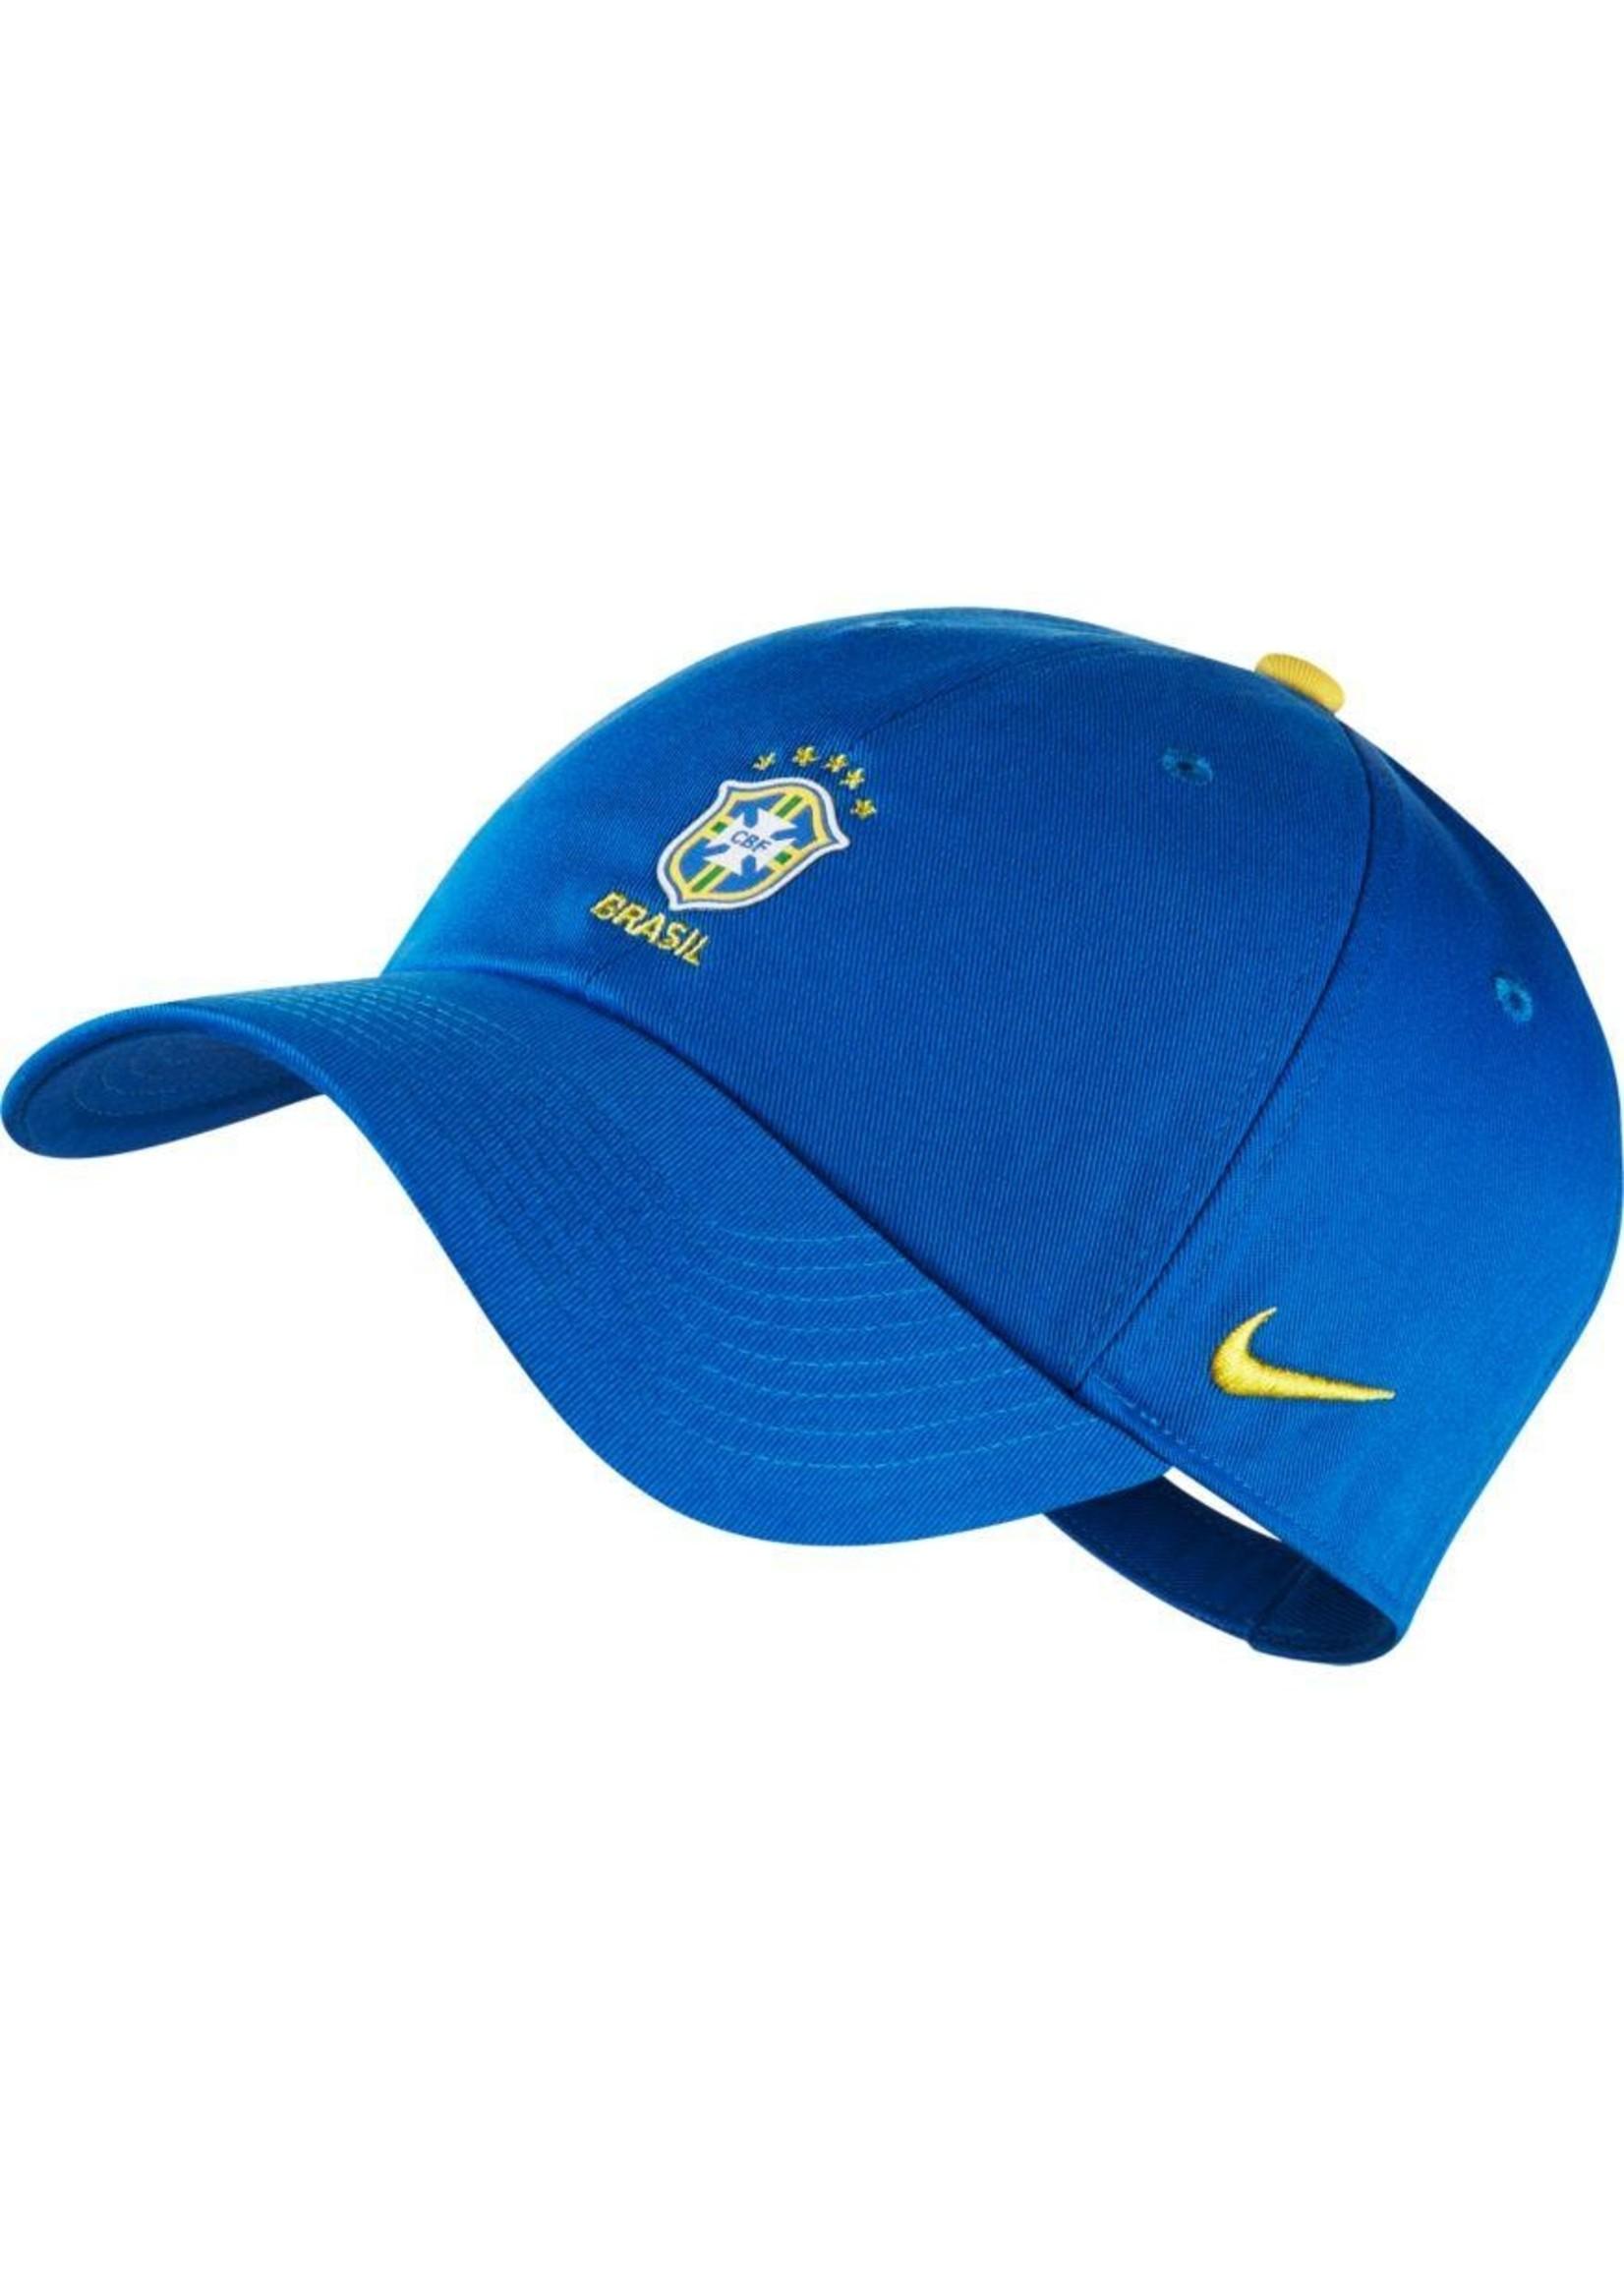 Nike Brazil Cap - Heritage